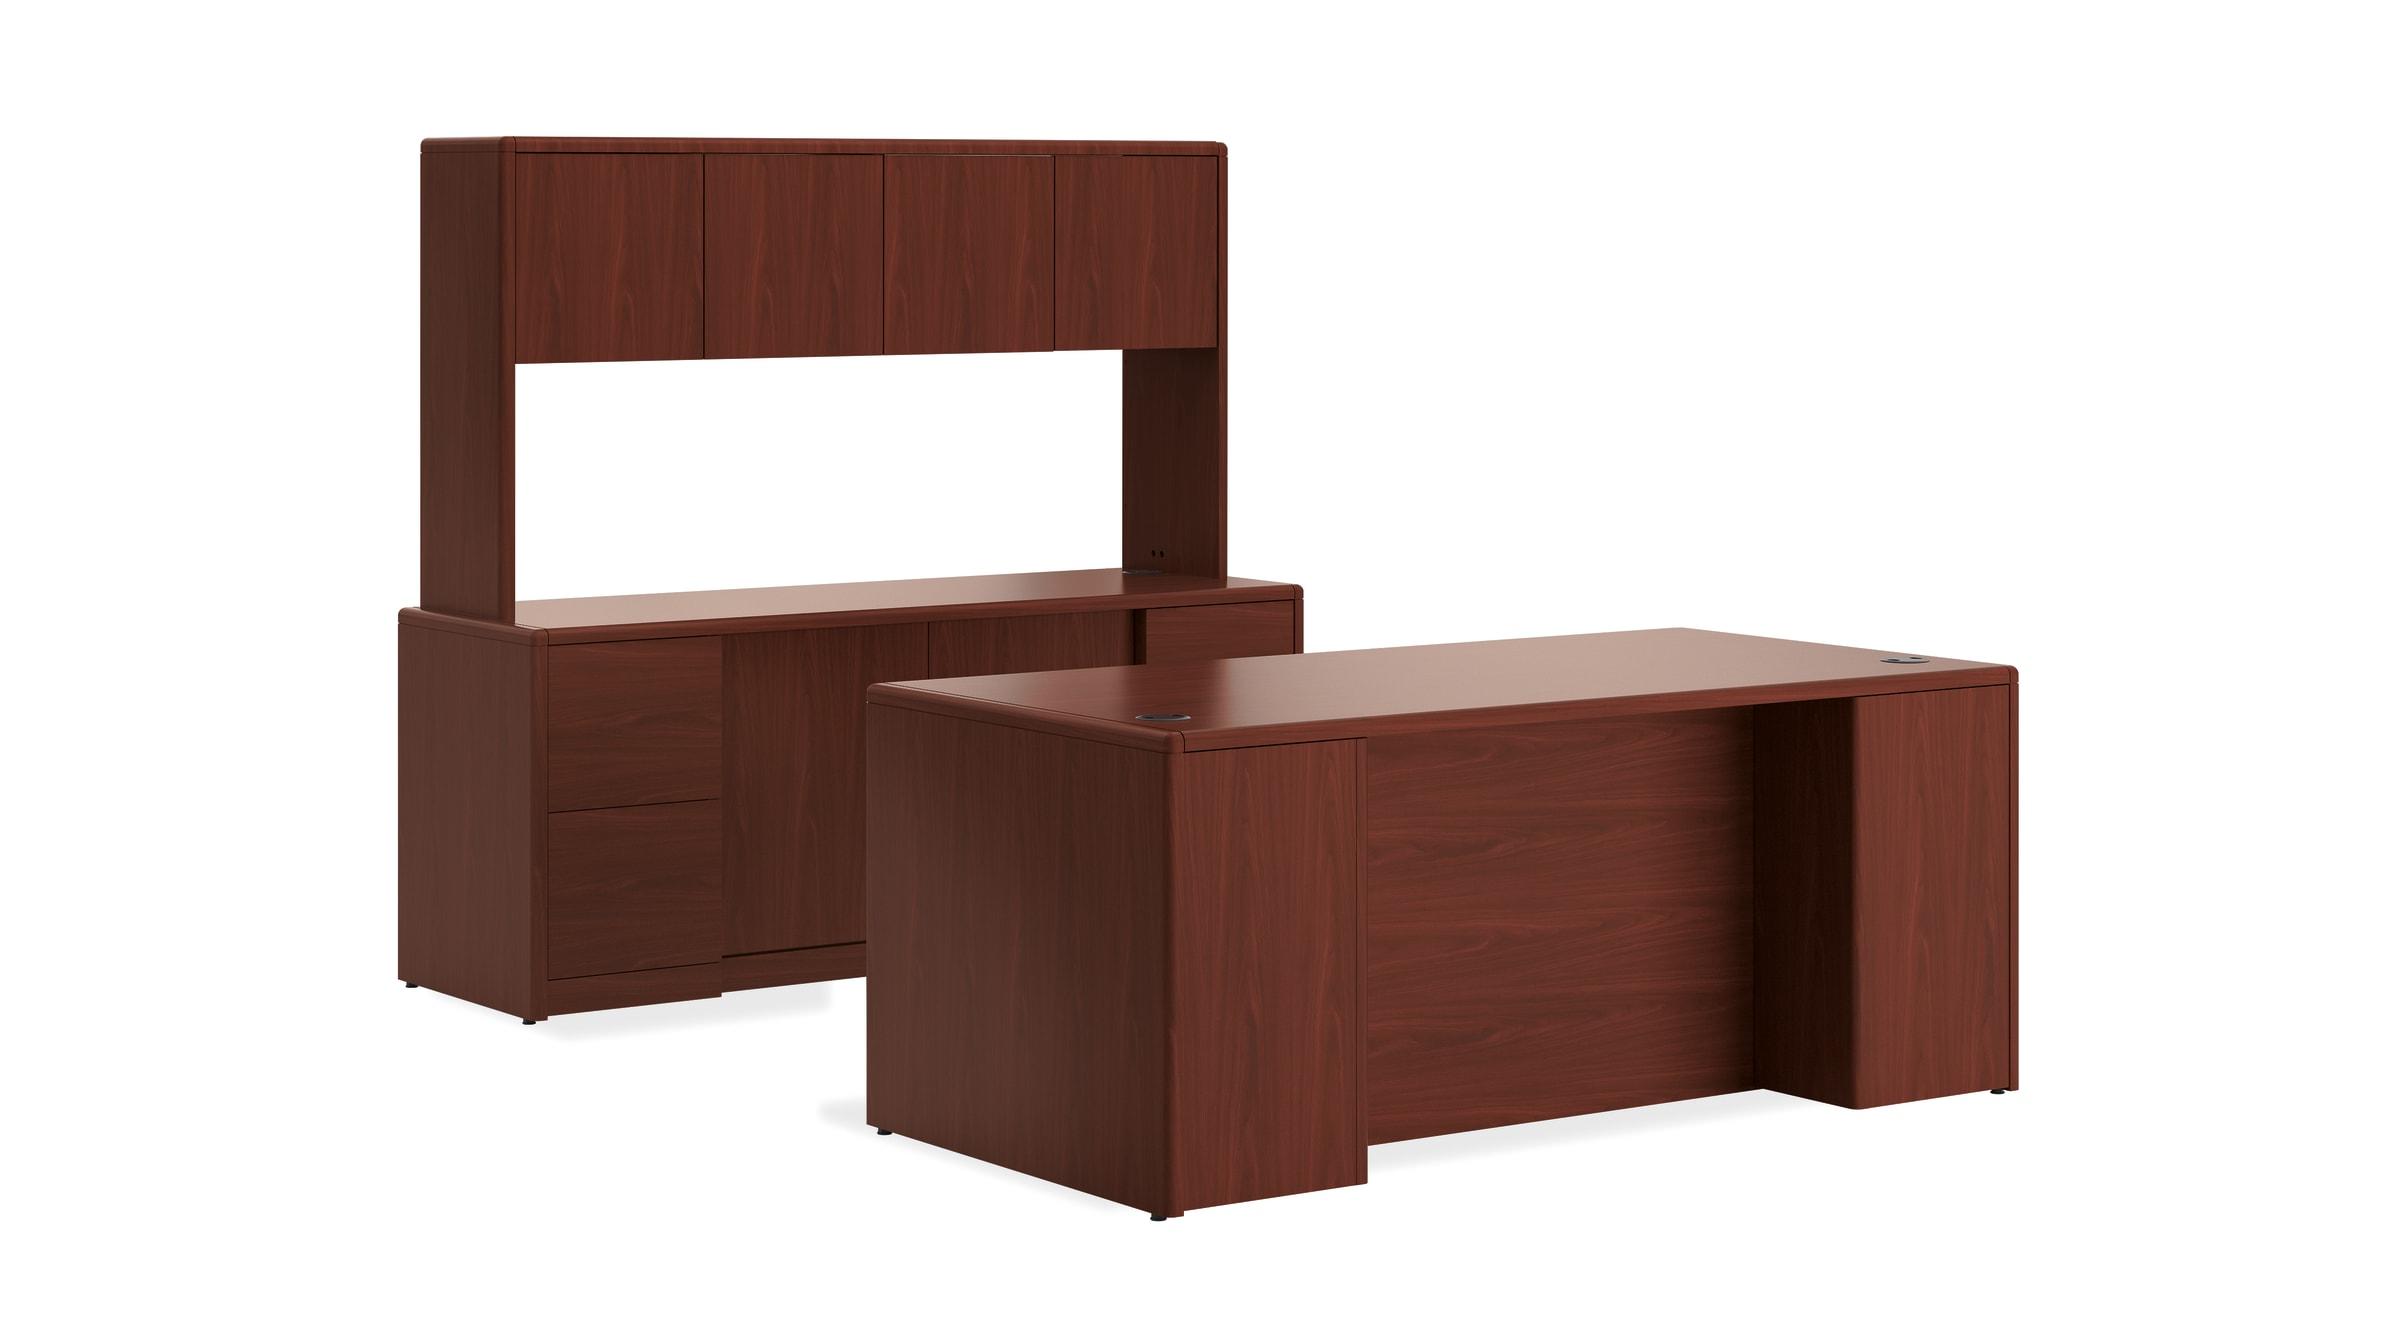 H10772sn Hon Office Furniture